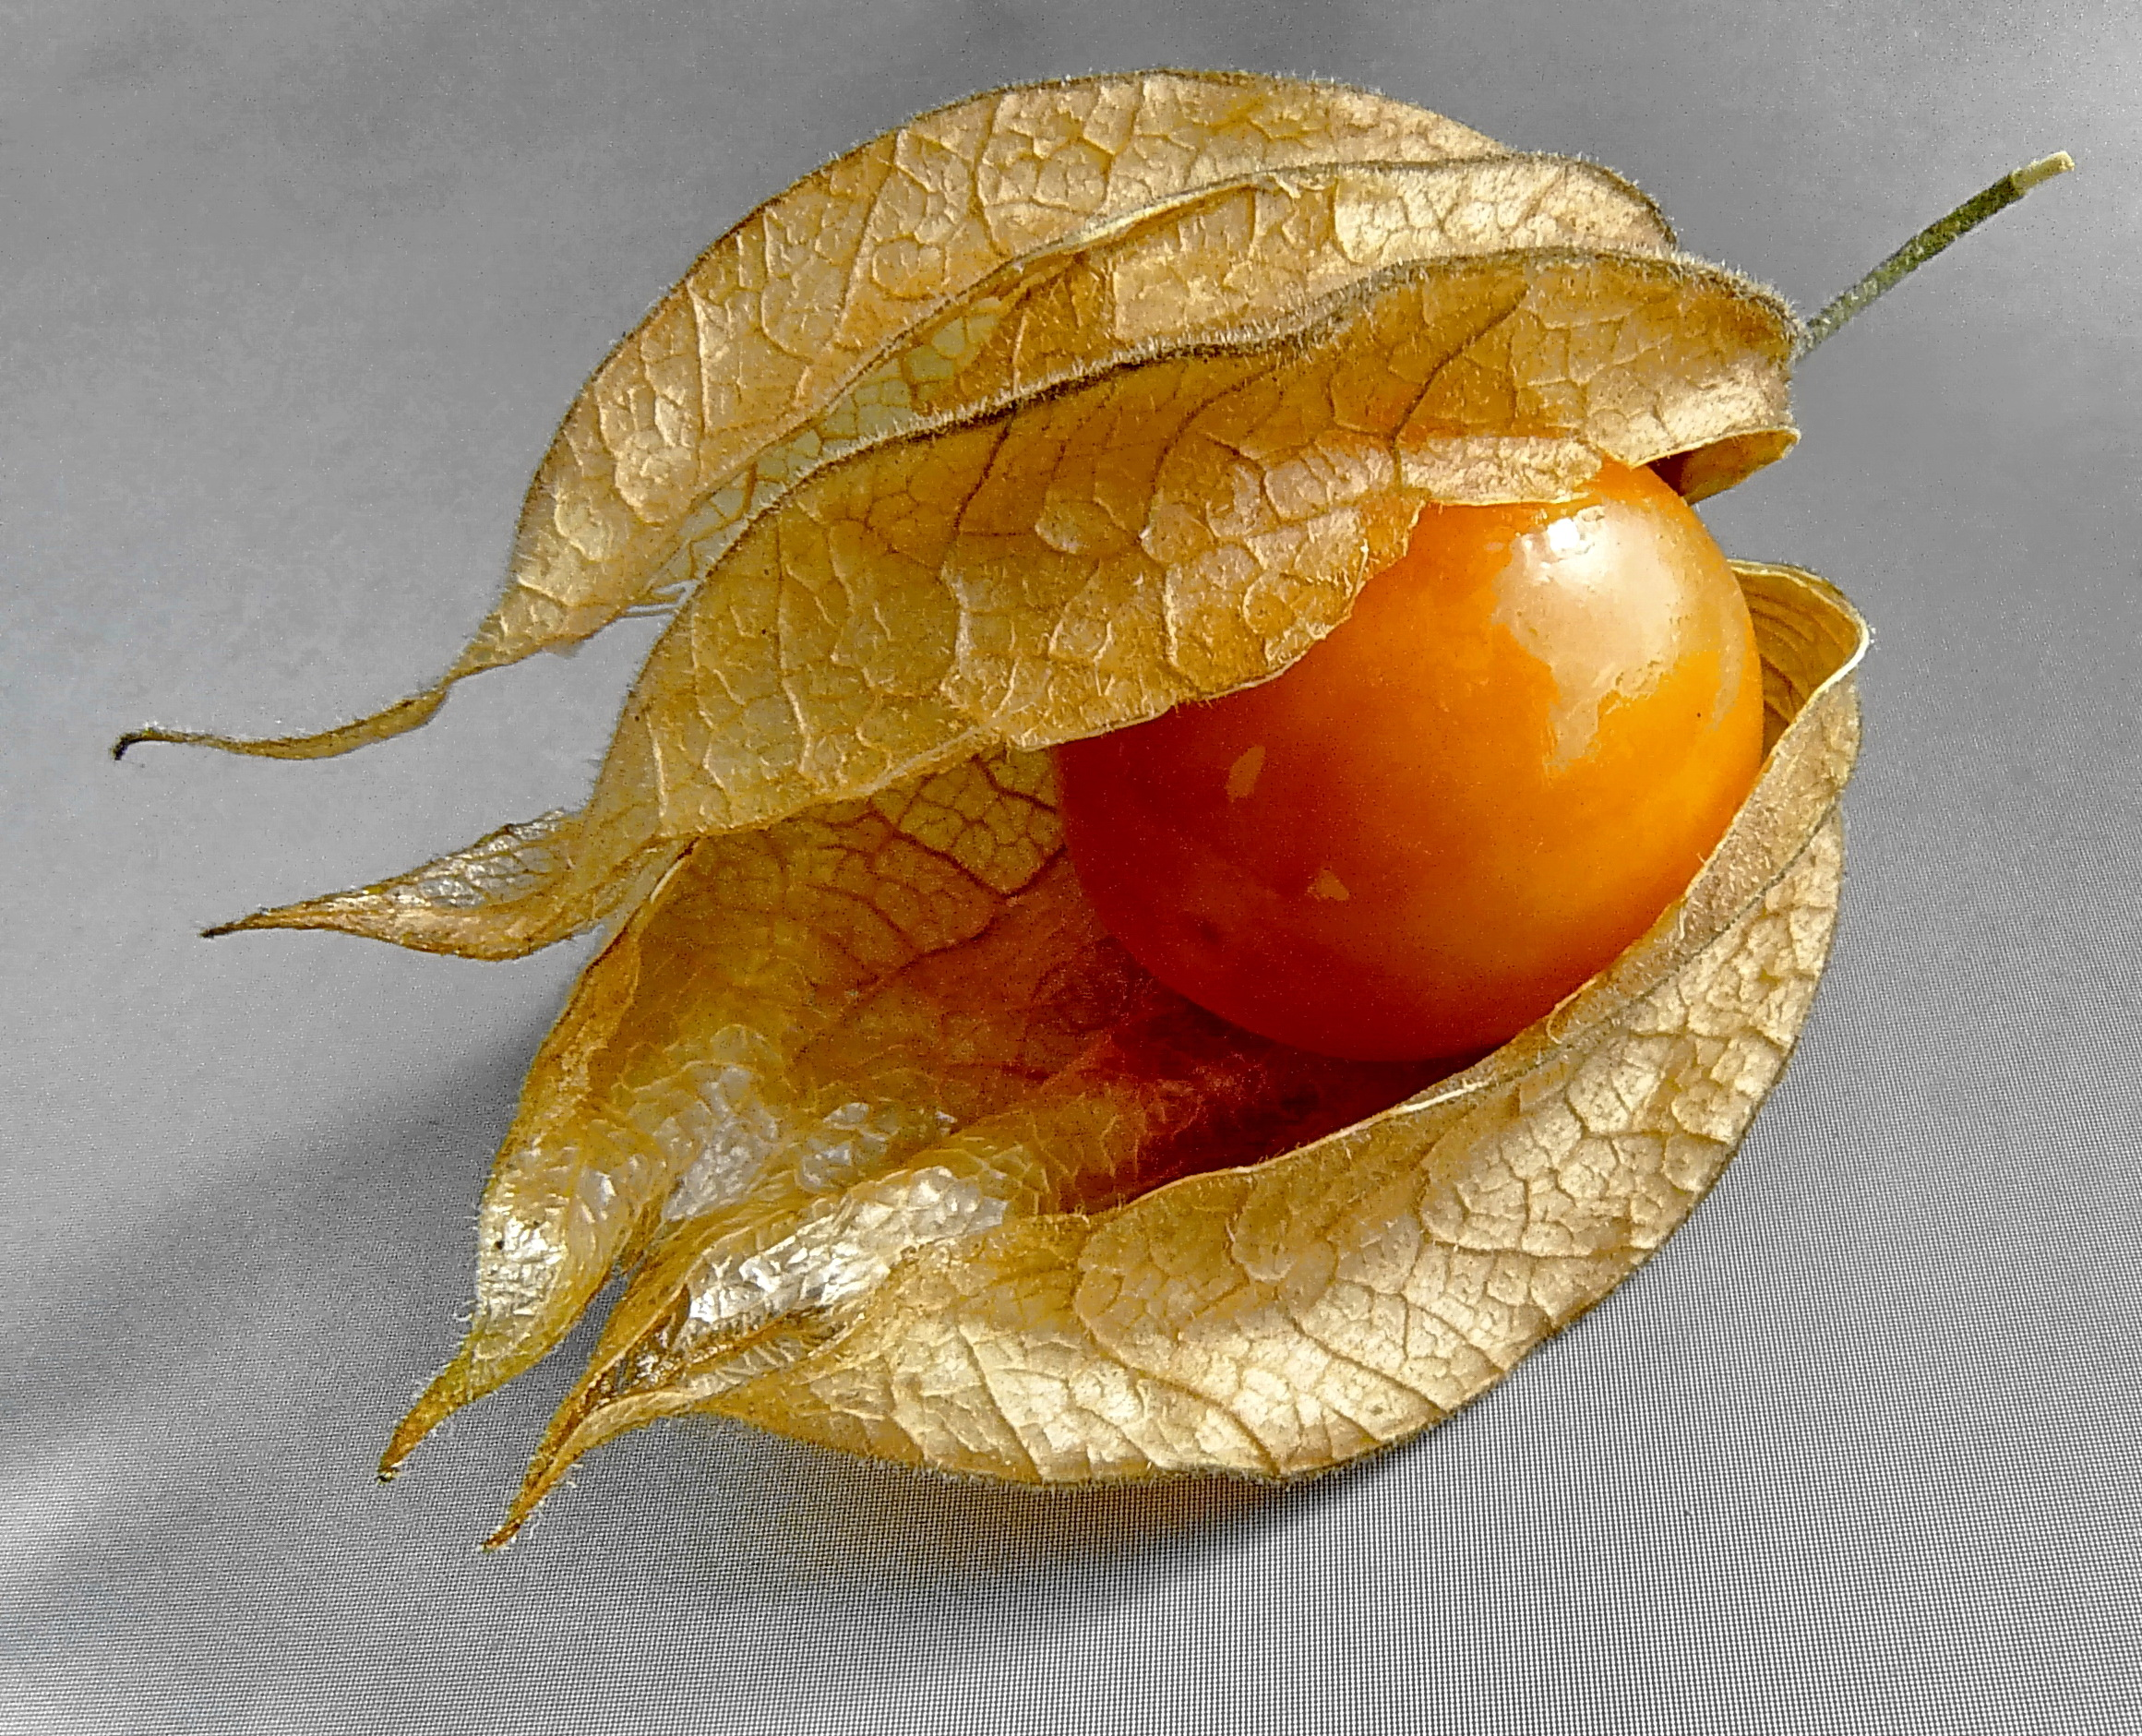 Физалис – выращивание, посадка и уход, сорта и приготовление блюд из овощного физалиса - достойная  жизнь  на  пенсии - медиаплатформа миртесен